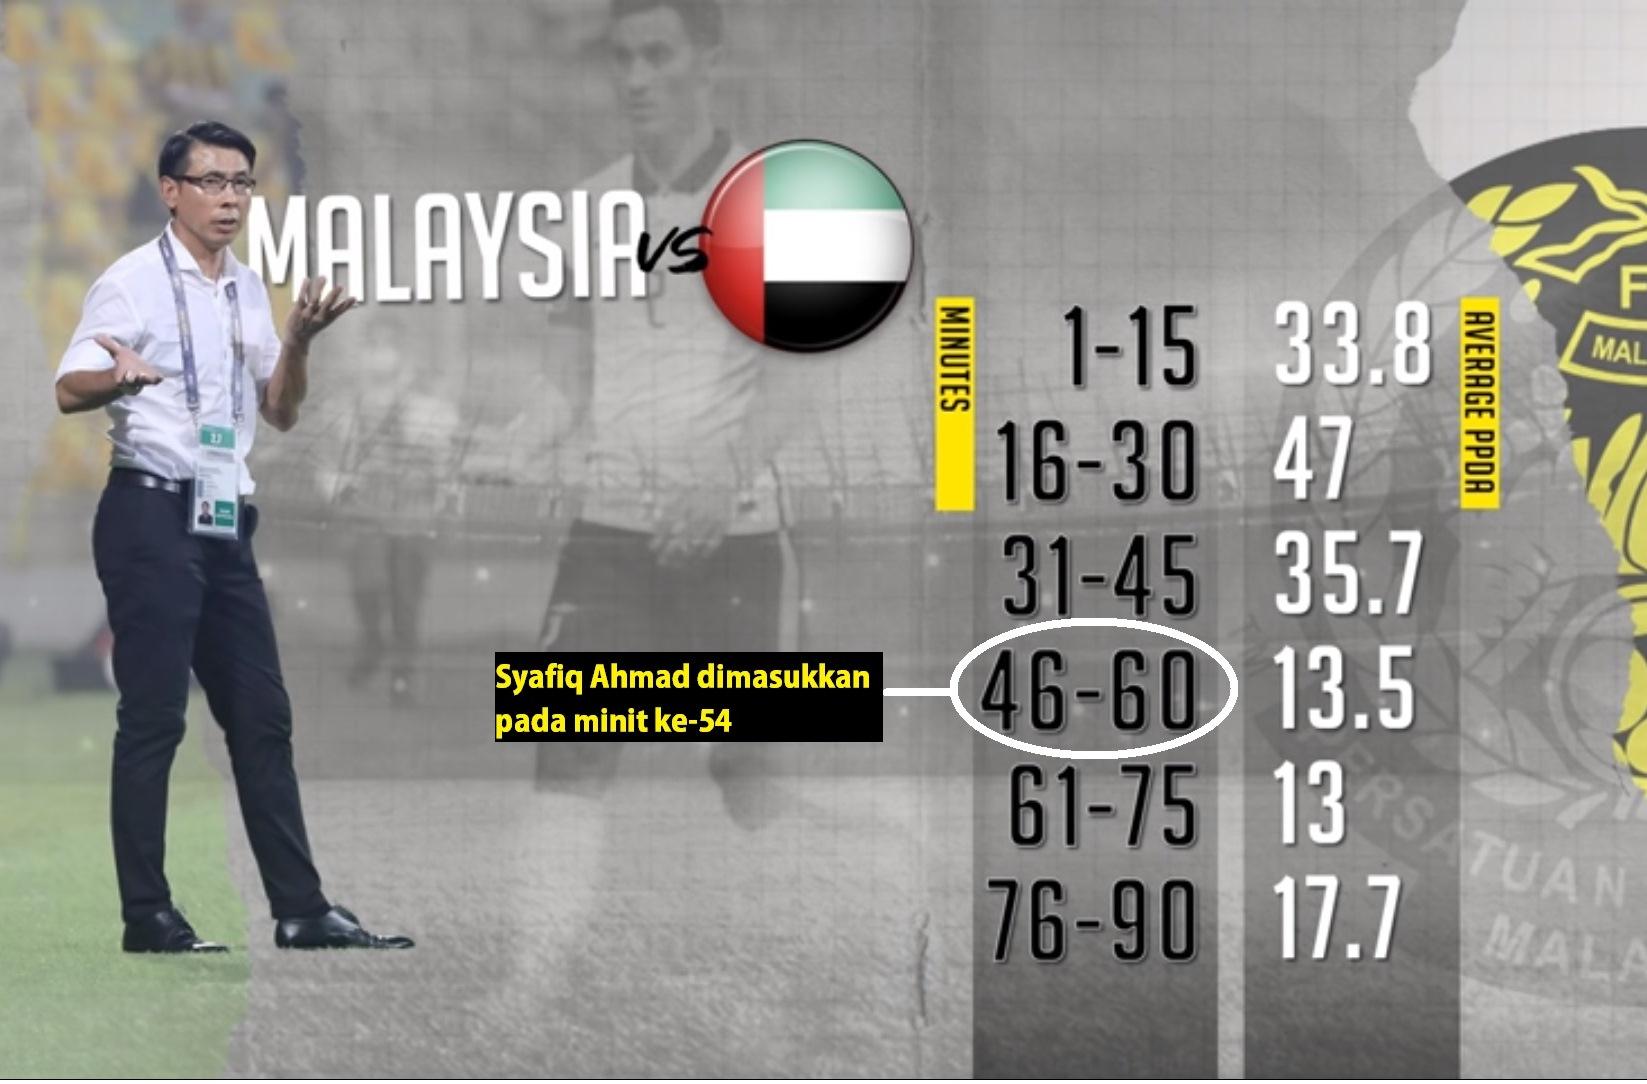 Malaysia UAE statistik PPDA Mat Stats